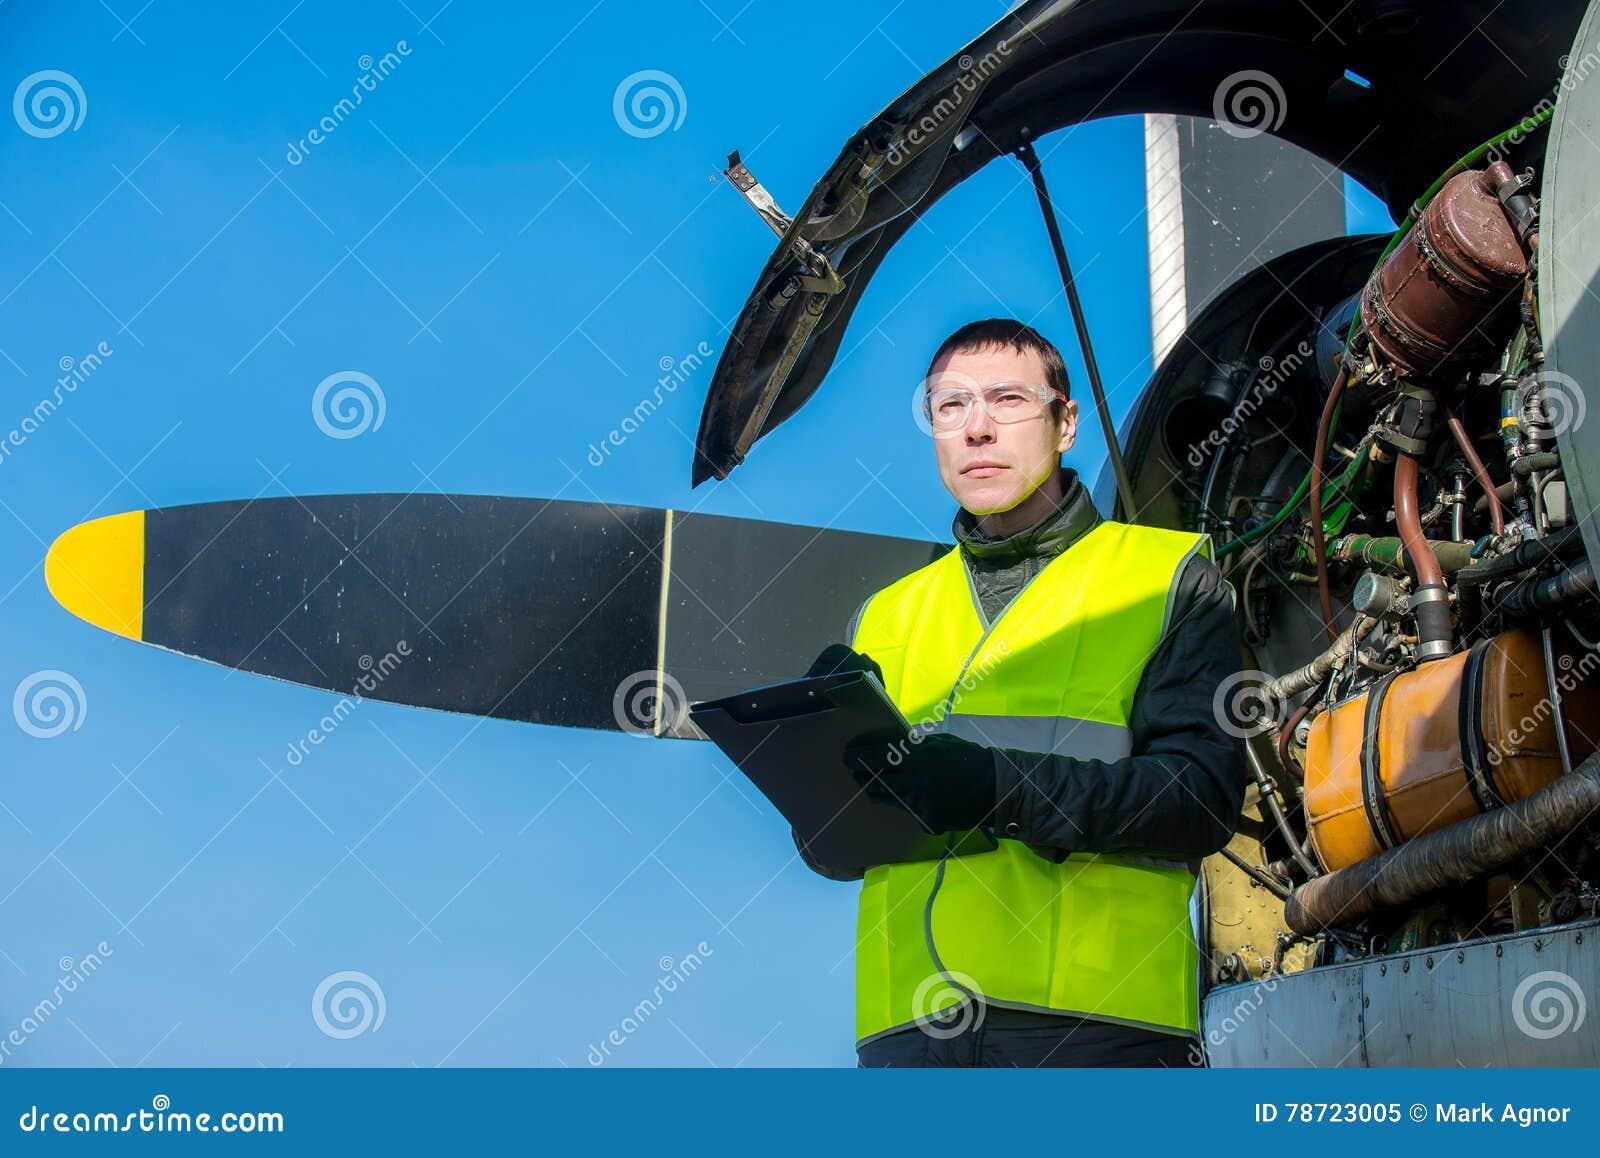 Mechanic checking airplane s engine